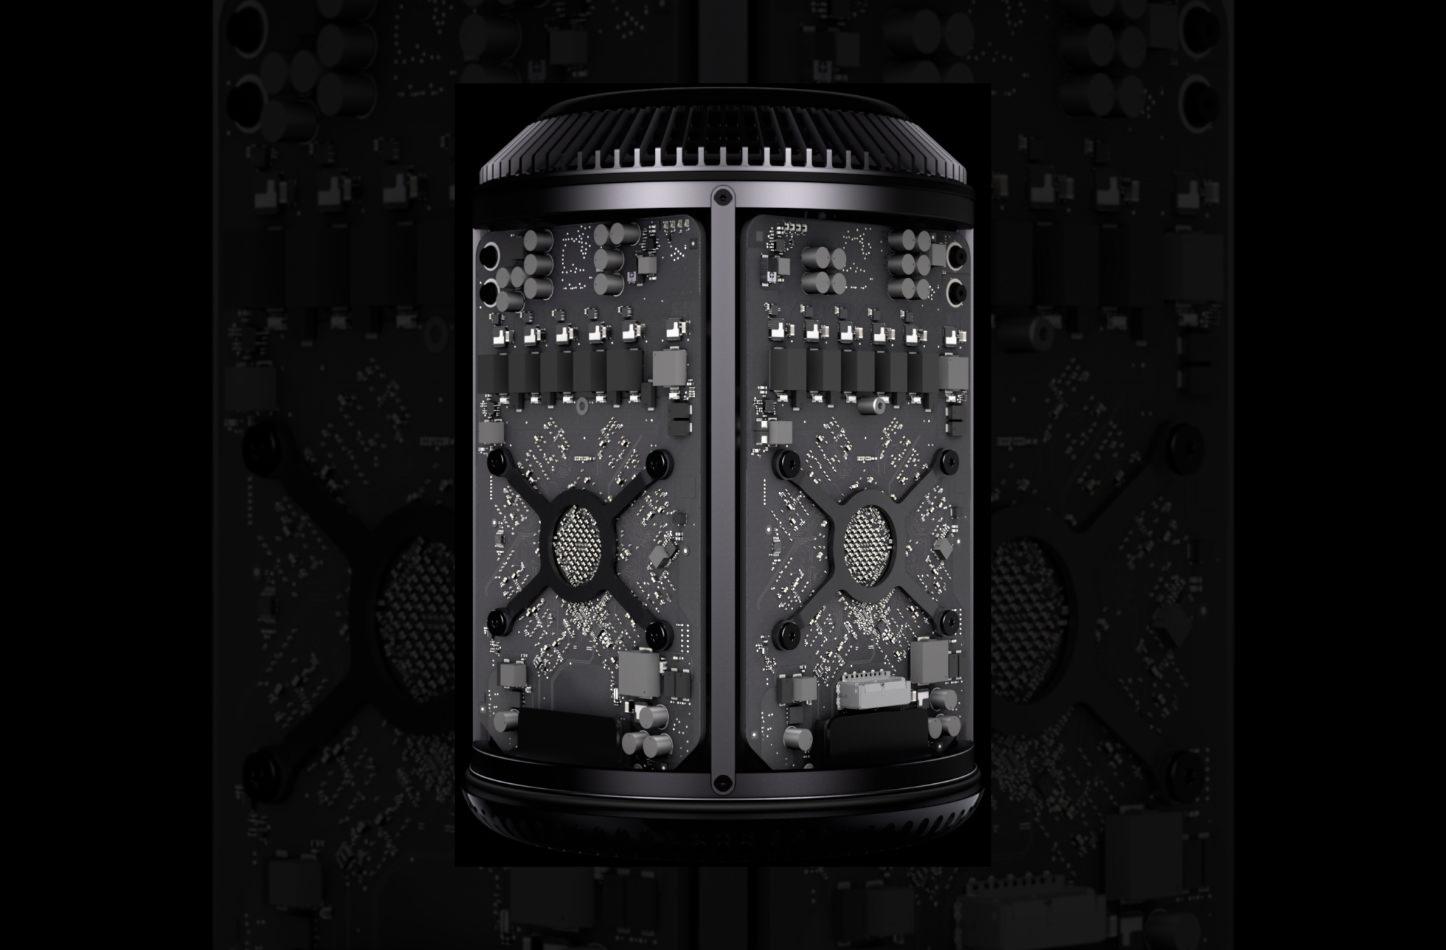 Mac-Pro-2013-Inside.jpg